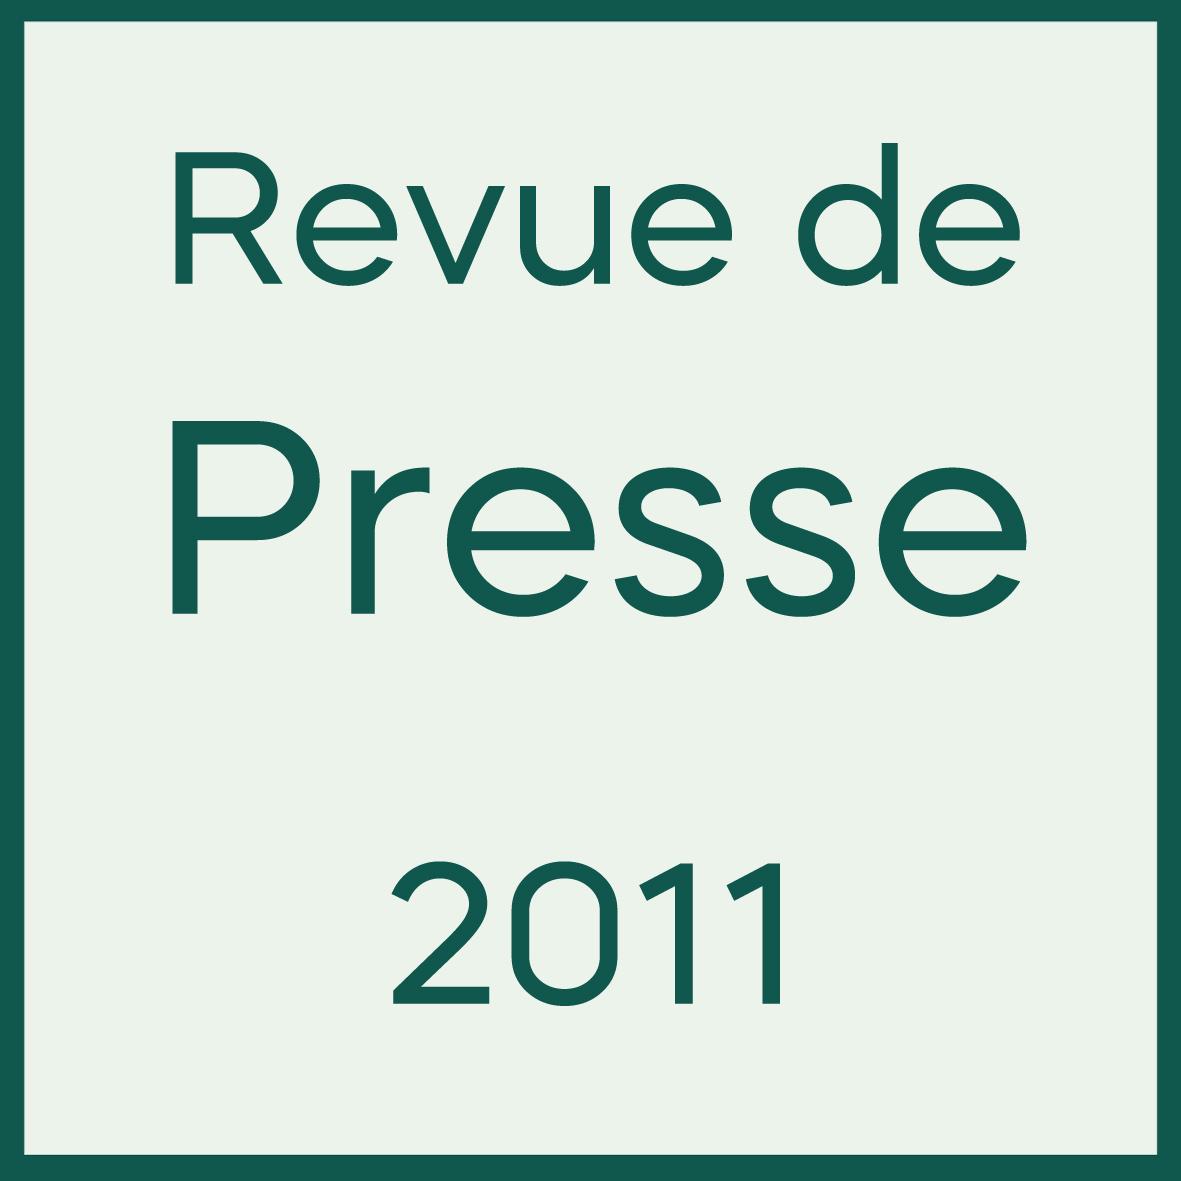 revue-de-presse-2011-1